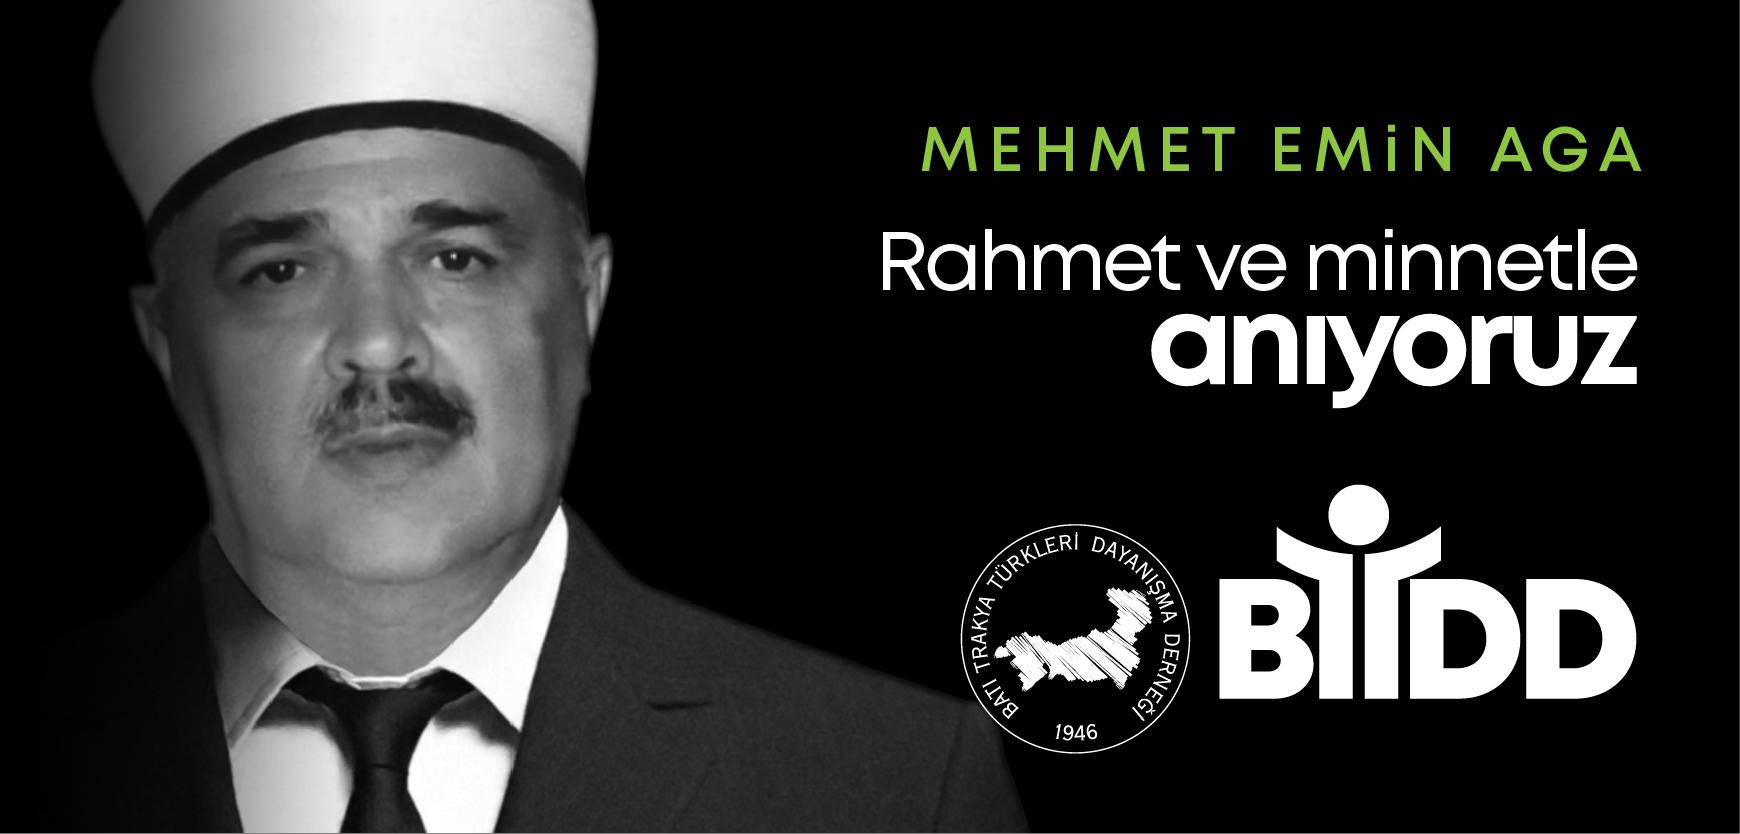 Aramızdan Ayrılışının 14. Yılında Mehmet Emin Aga'yı Anıyoruz